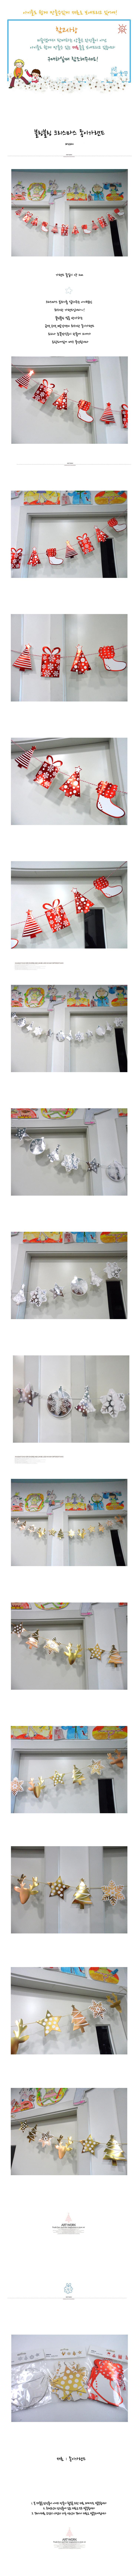 블링블링 크리스마스 종이가랜드 - 미술샘, 2,200원, 종이공예/북아트, 종이공예 패키지